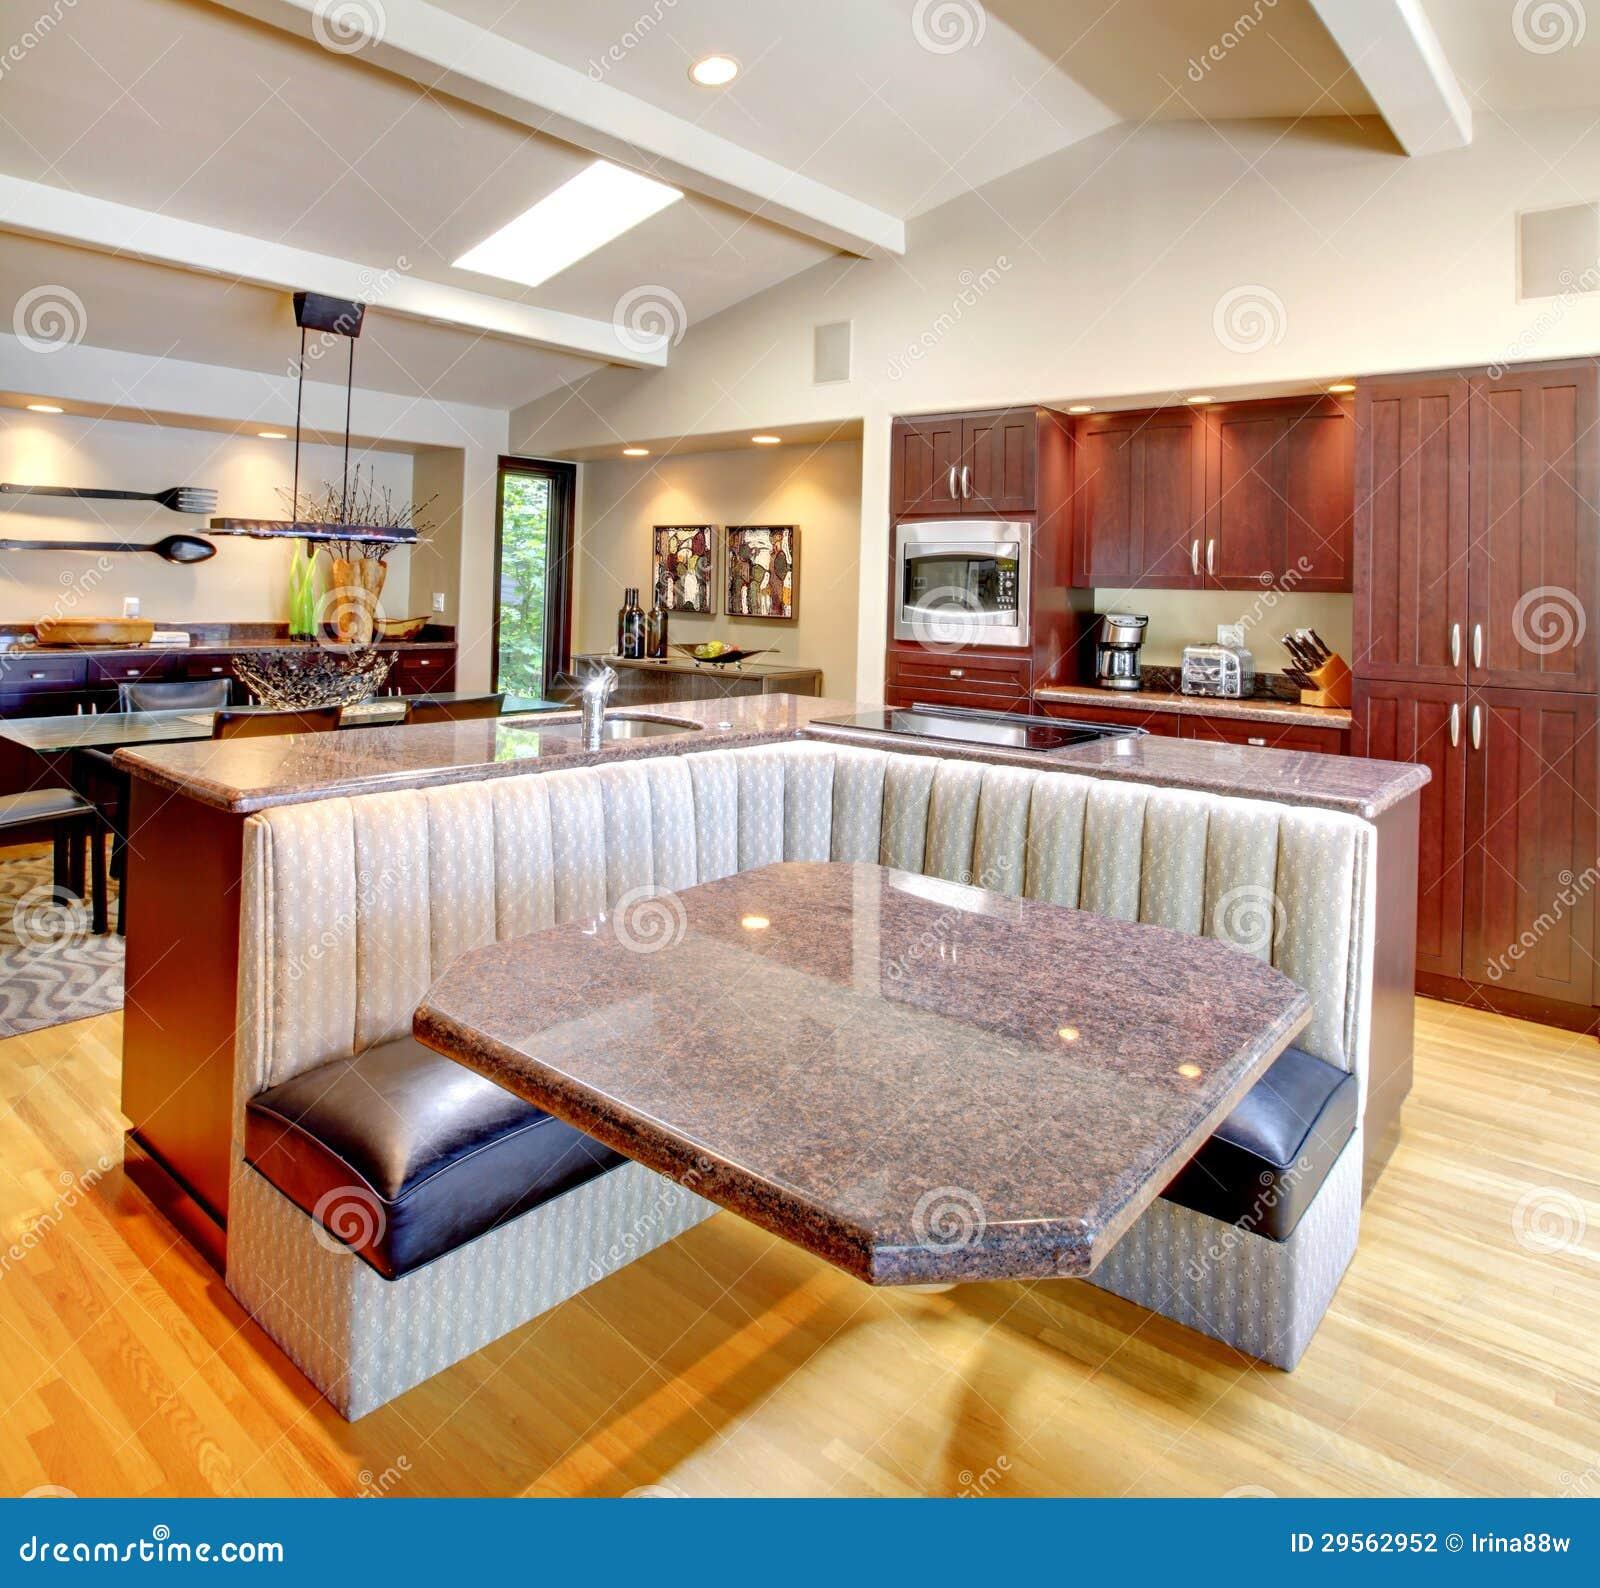 Cocina de caoba de lujo con muebles modernos fotograf a - Muebles de cocina de lujo ...